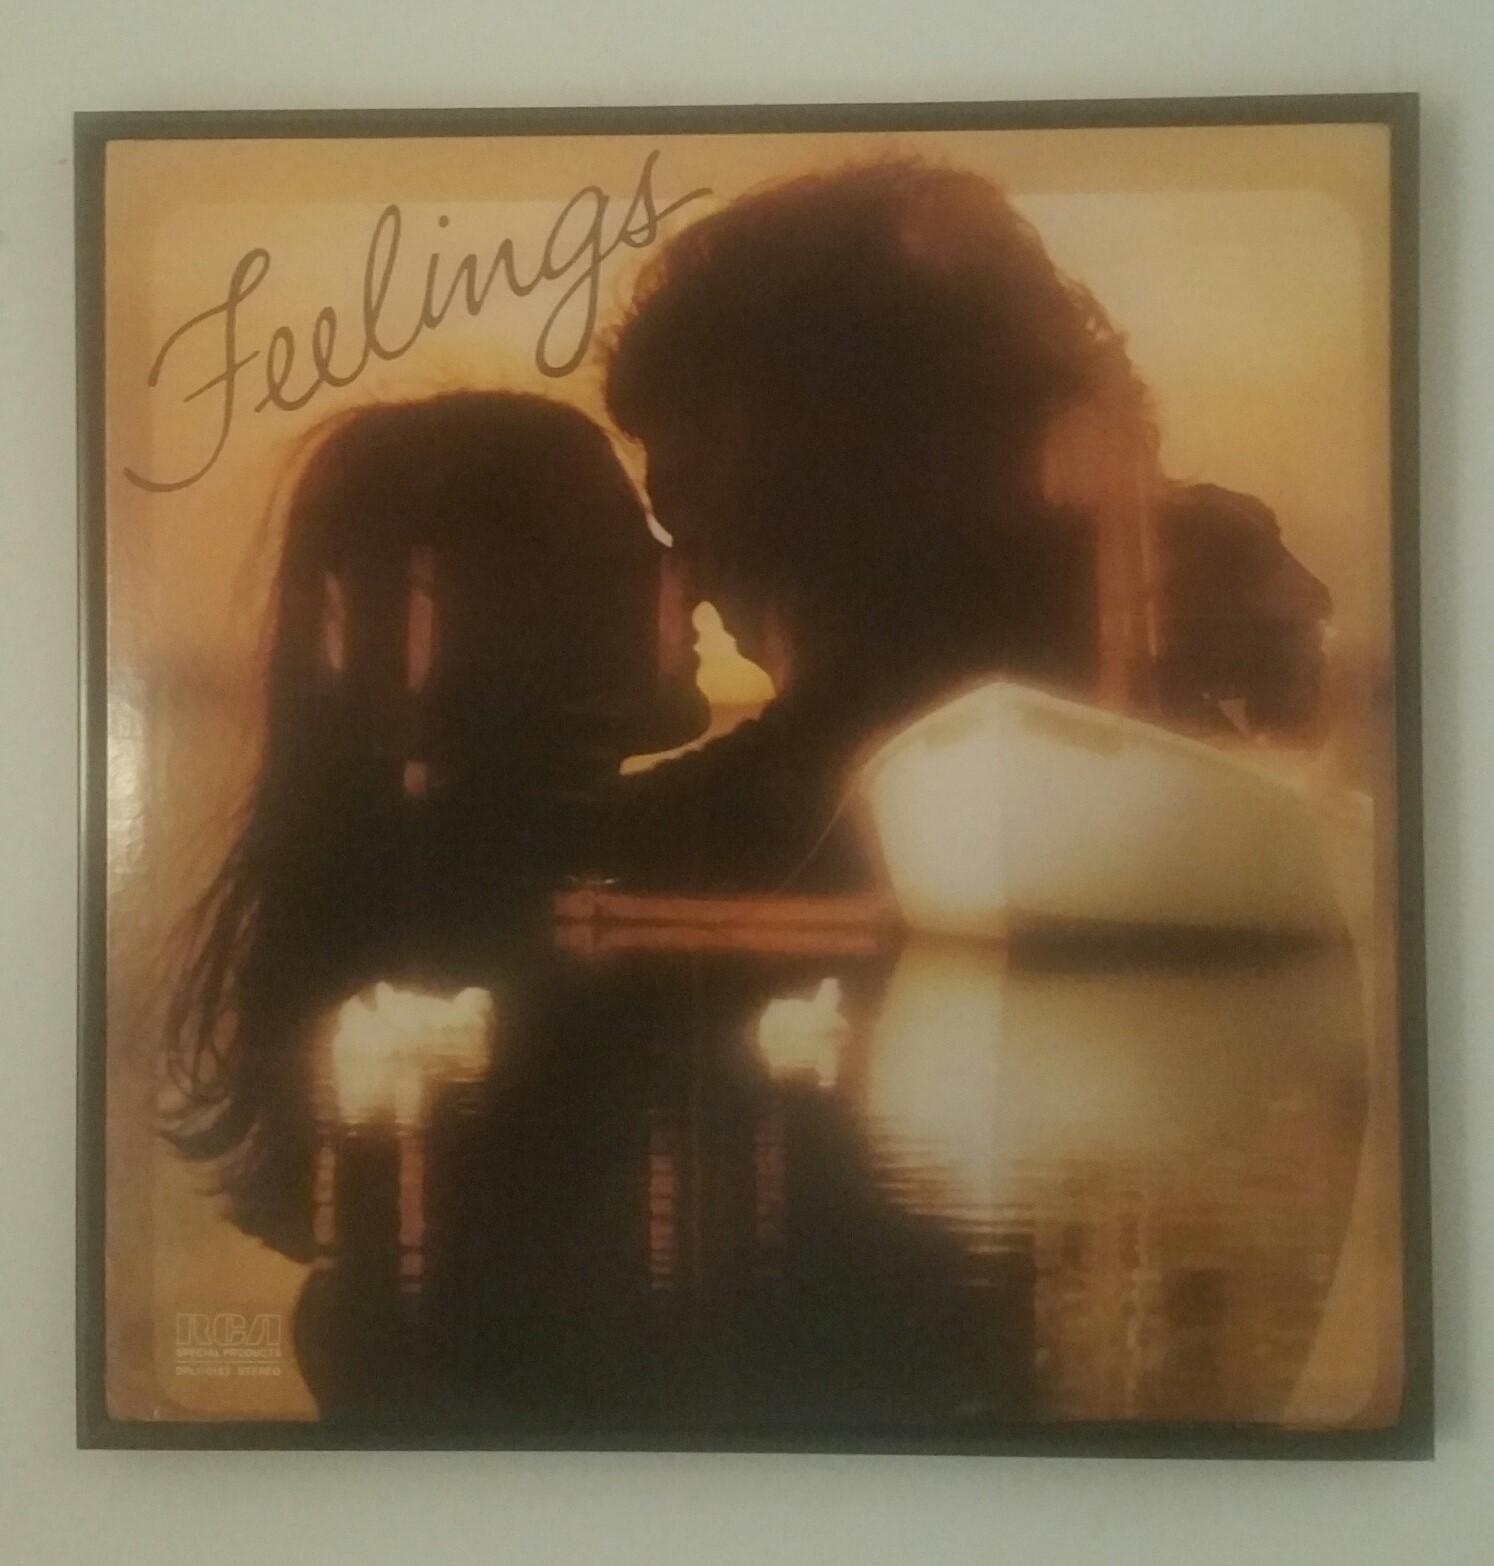 Feelings - A 1976 RCA